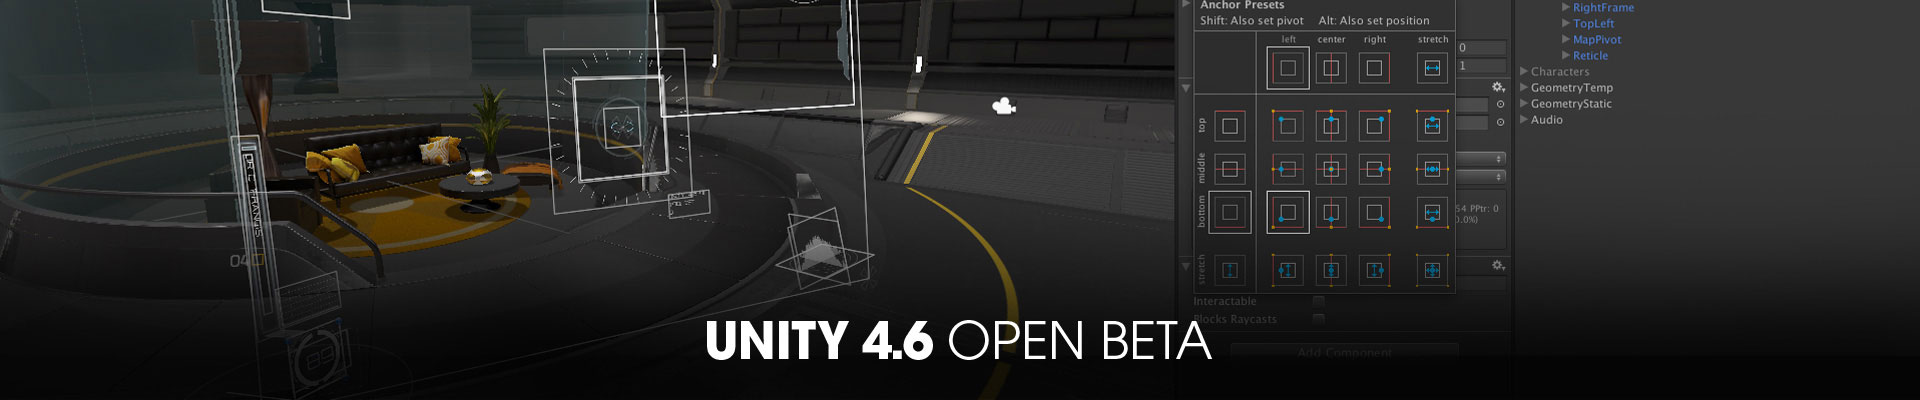 Unity4.6 Open Beta | Открытая бета Unity 4.6 доступна для скачивания